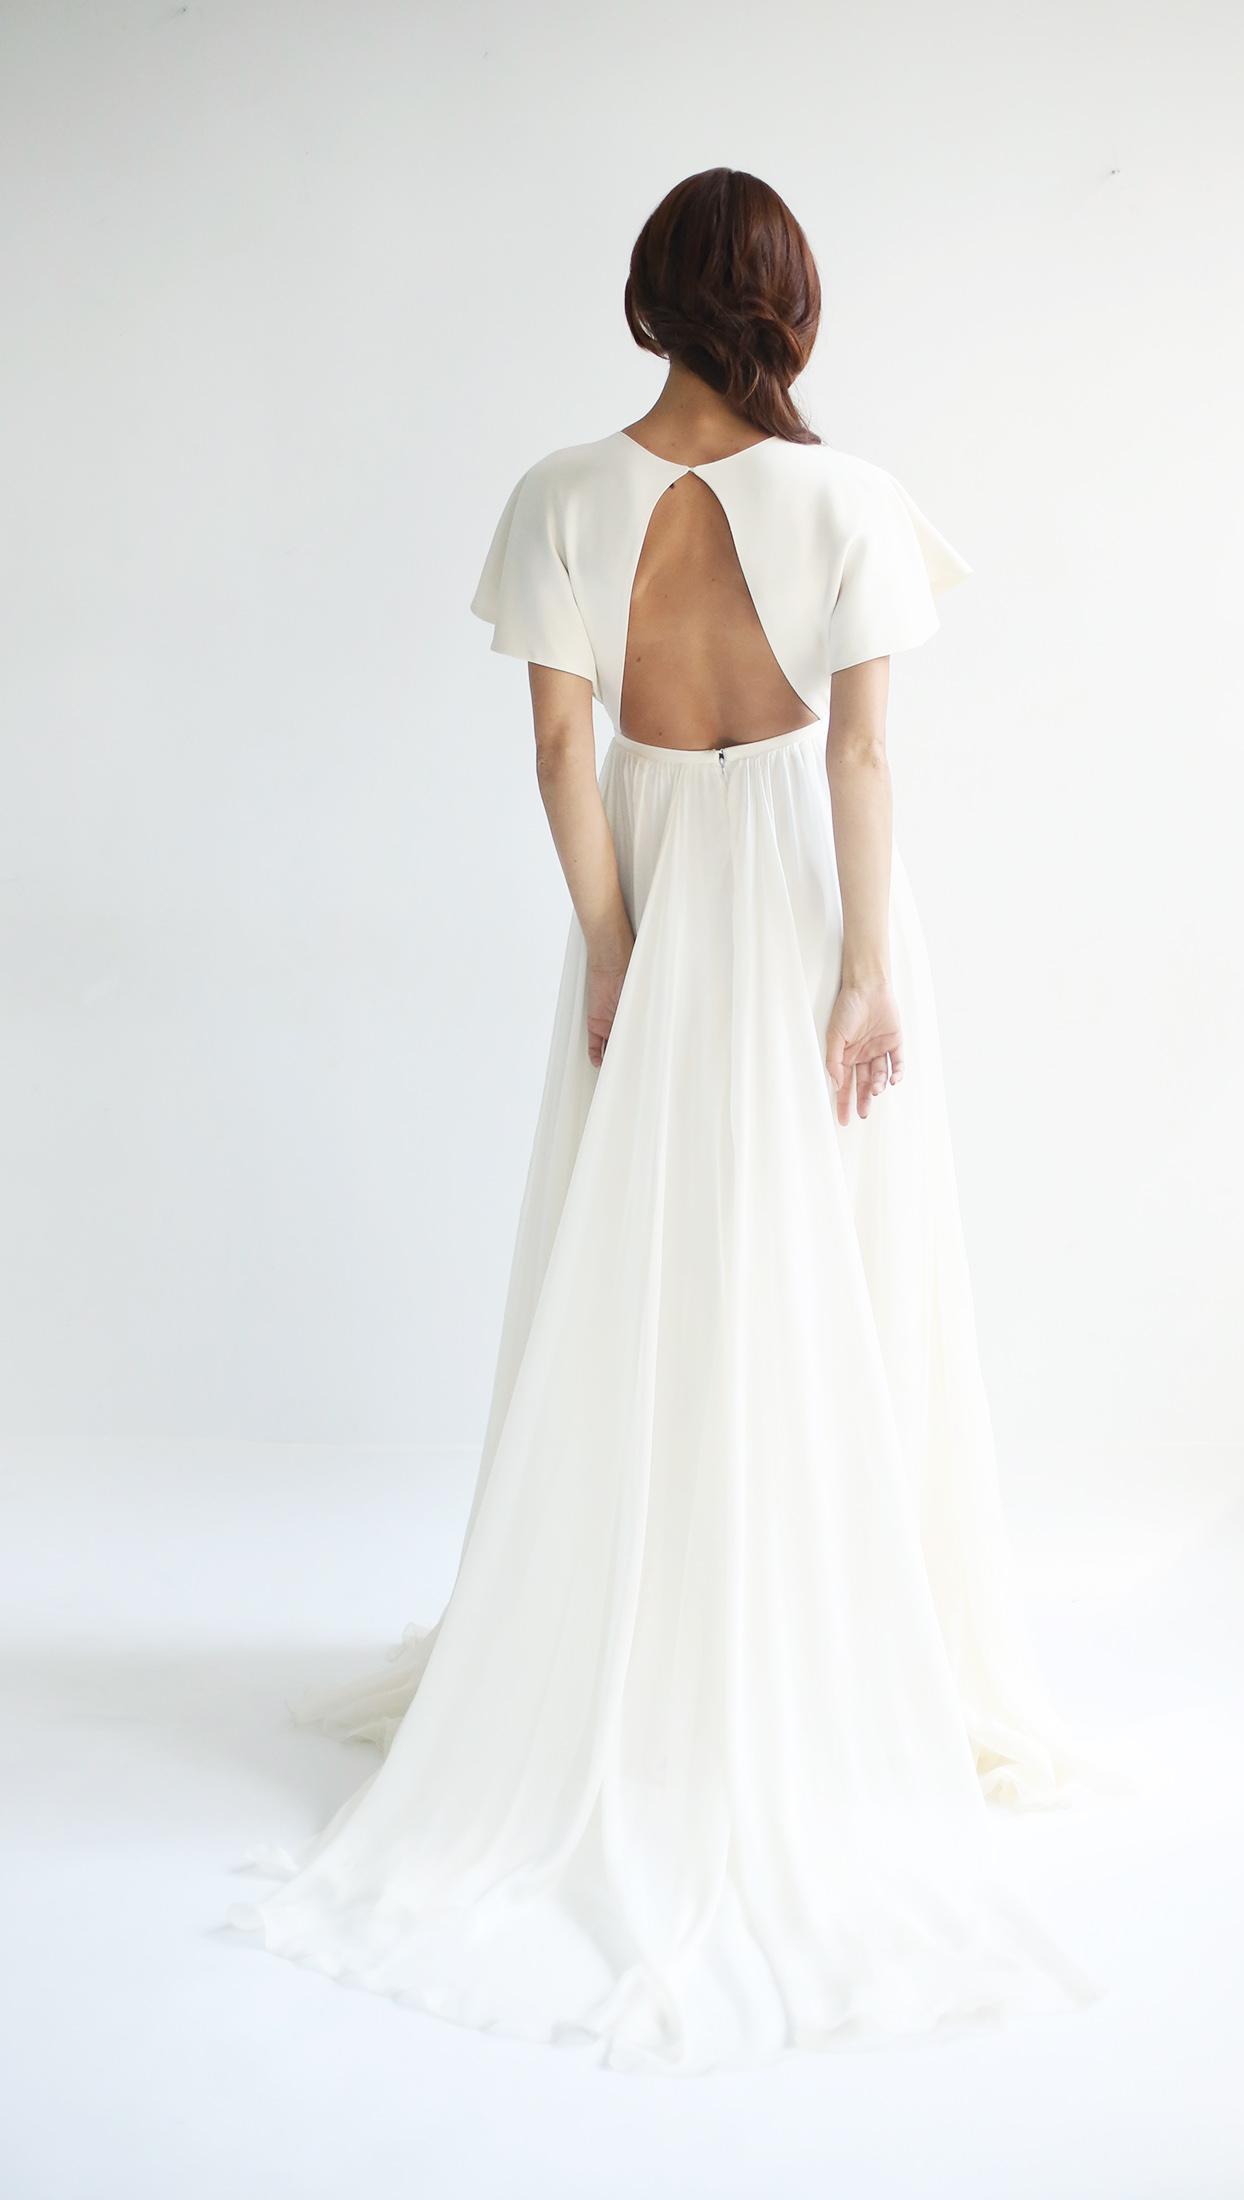 leanne-marshall-bridal-7.jpg